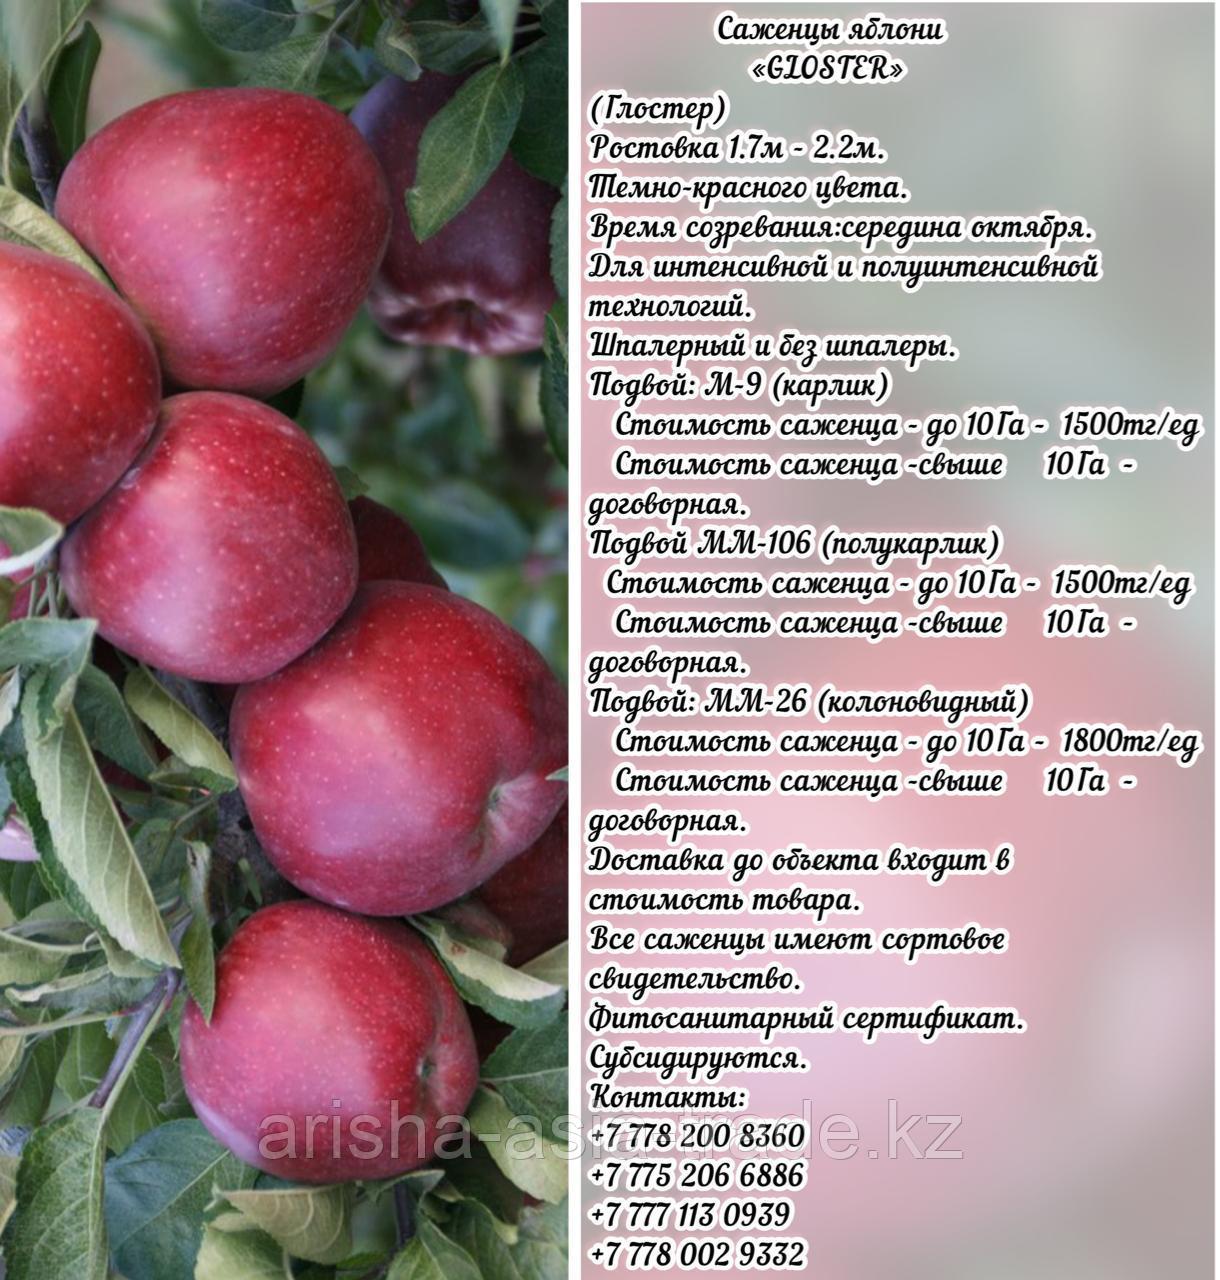 """Саженцы яблони """"Gloster"""" (Глостер) подвой м 9 Сербия"""